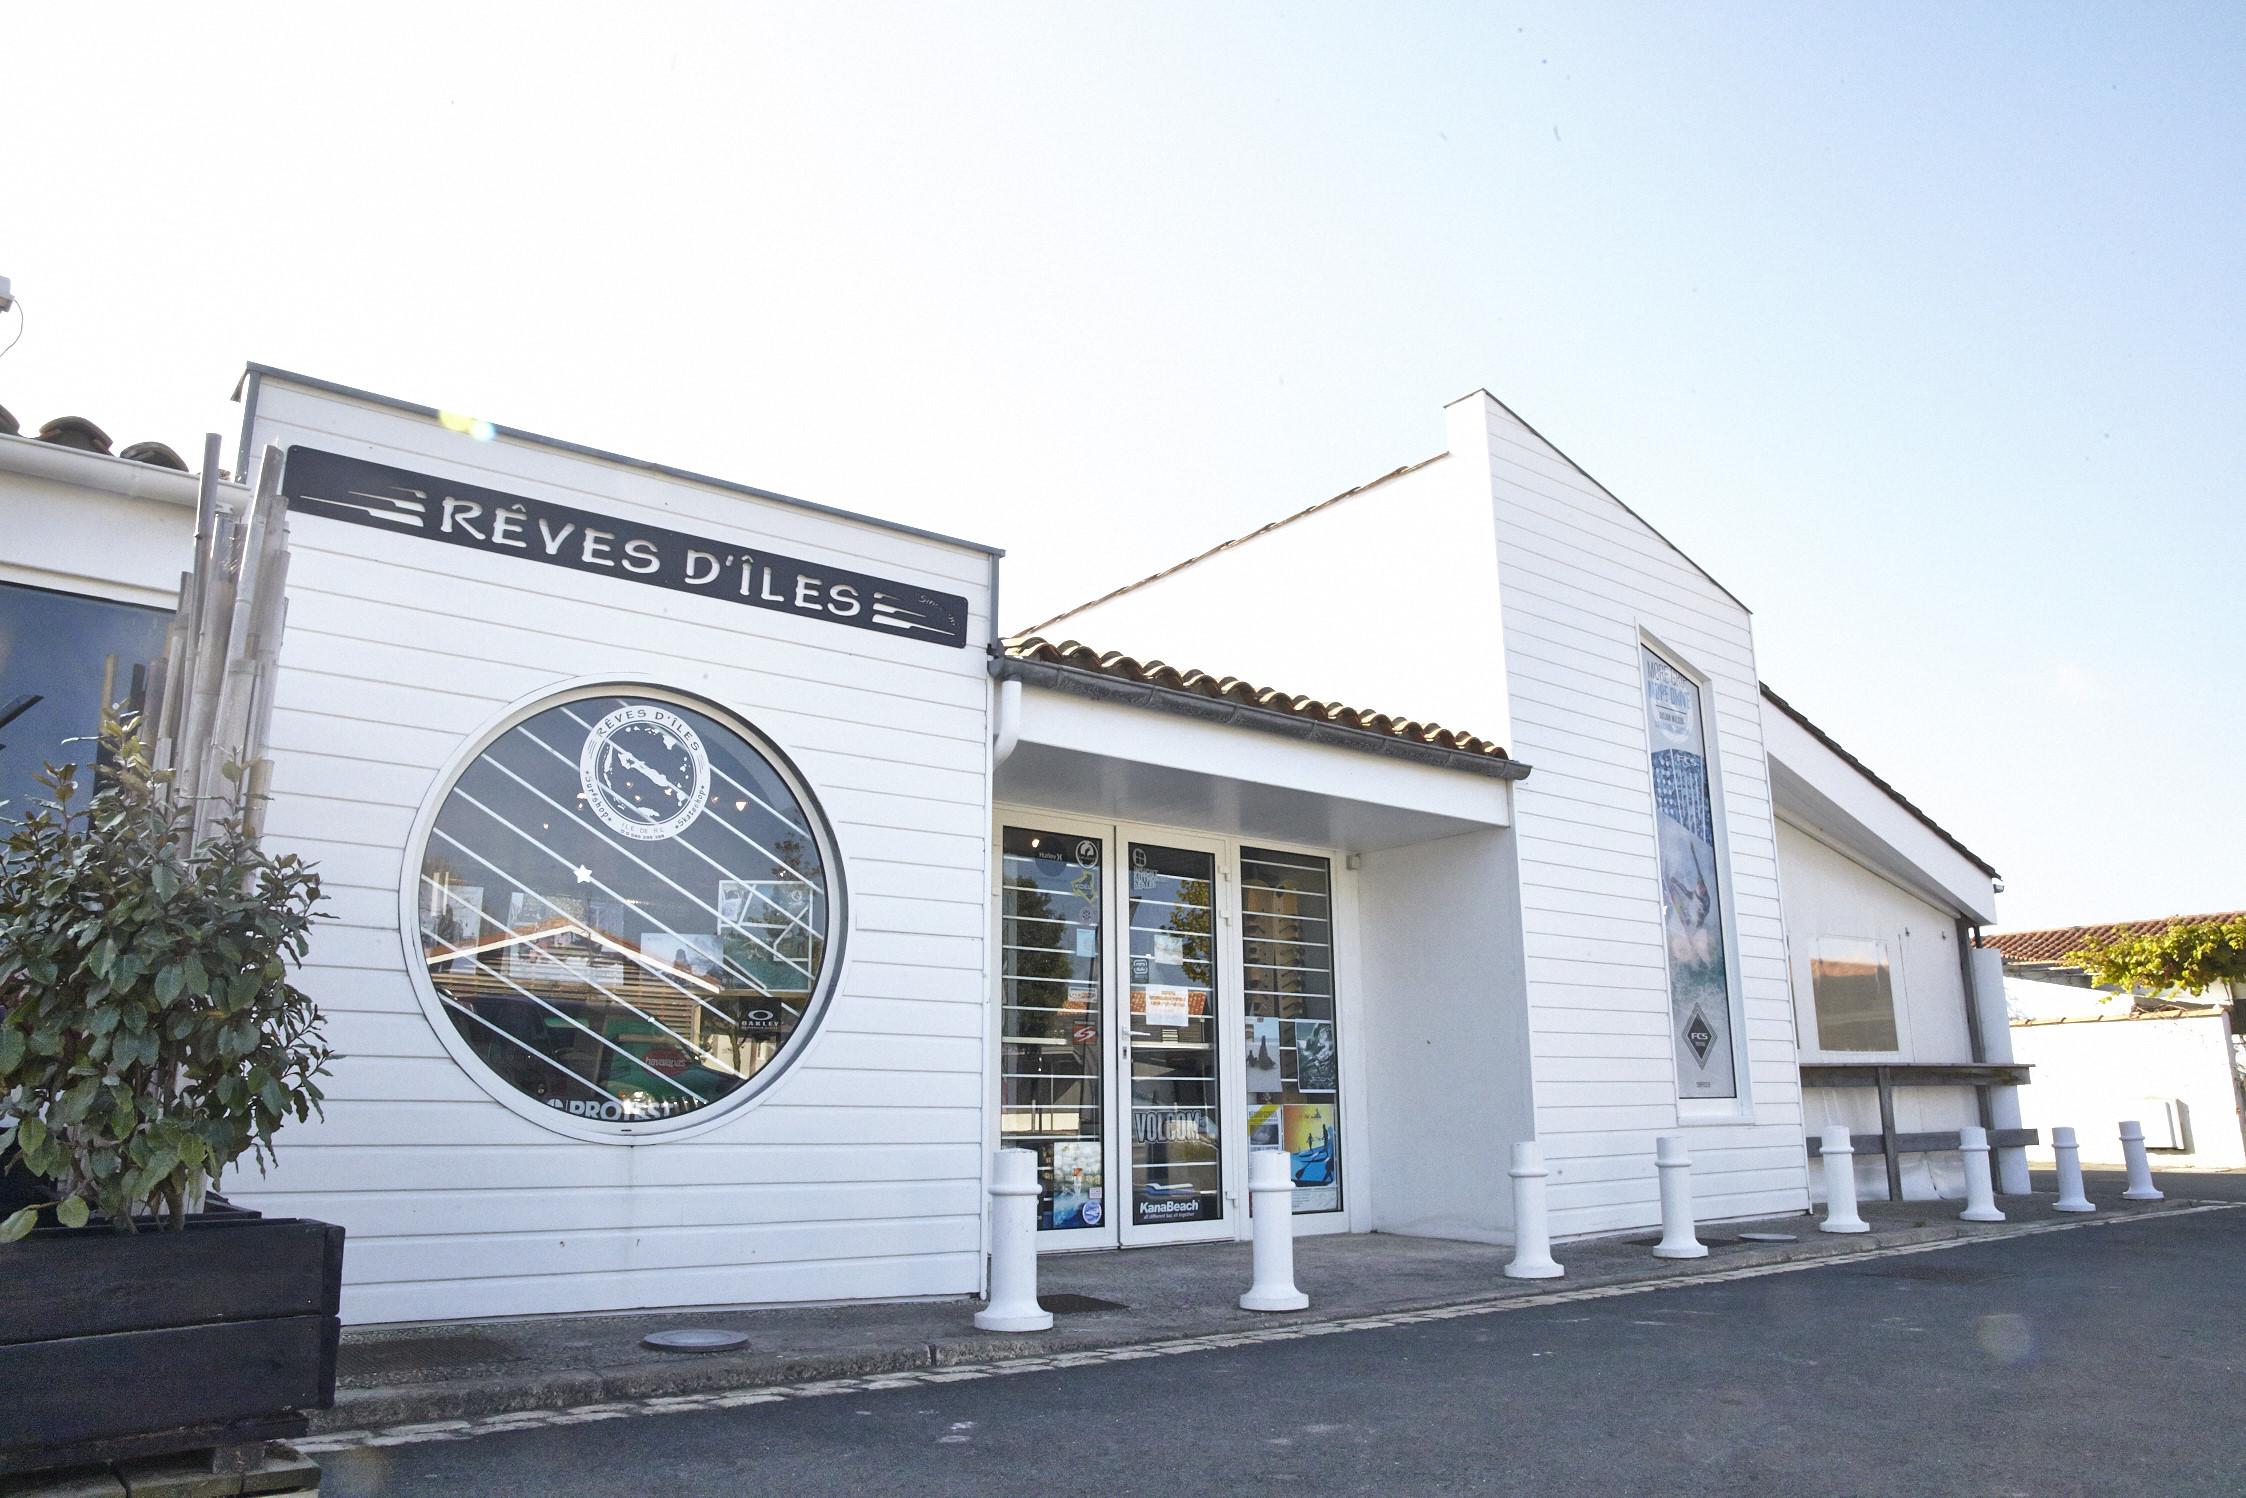 Rêves d'îles Surf shop - Ouvert à l'année.21 c Avenue du Mail, La Couarde sur mer